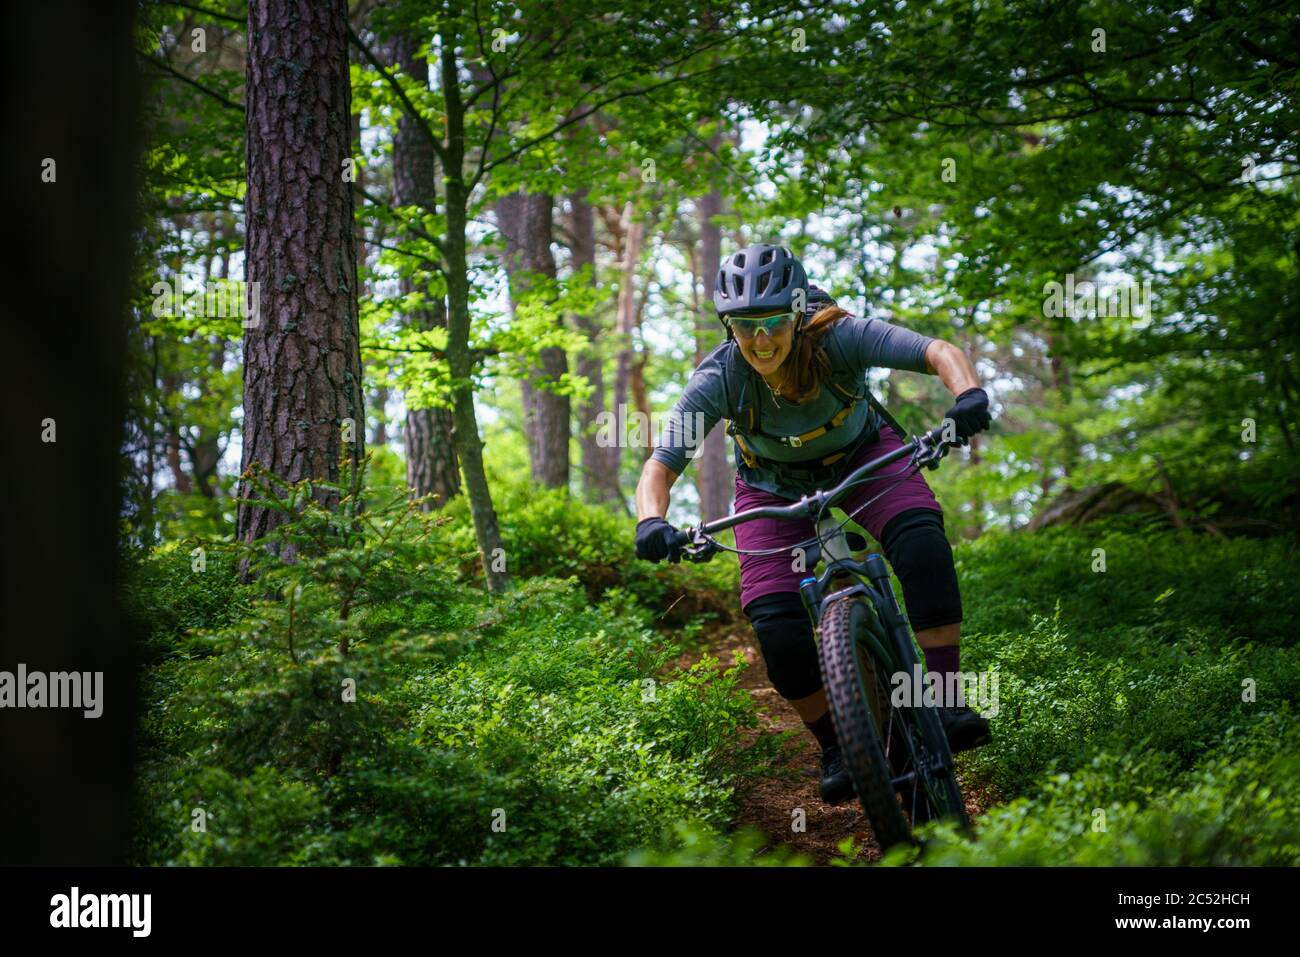 Femme VTT dans la forêt, Klagenfurt, Carinthie, Autriche Banque D'Images